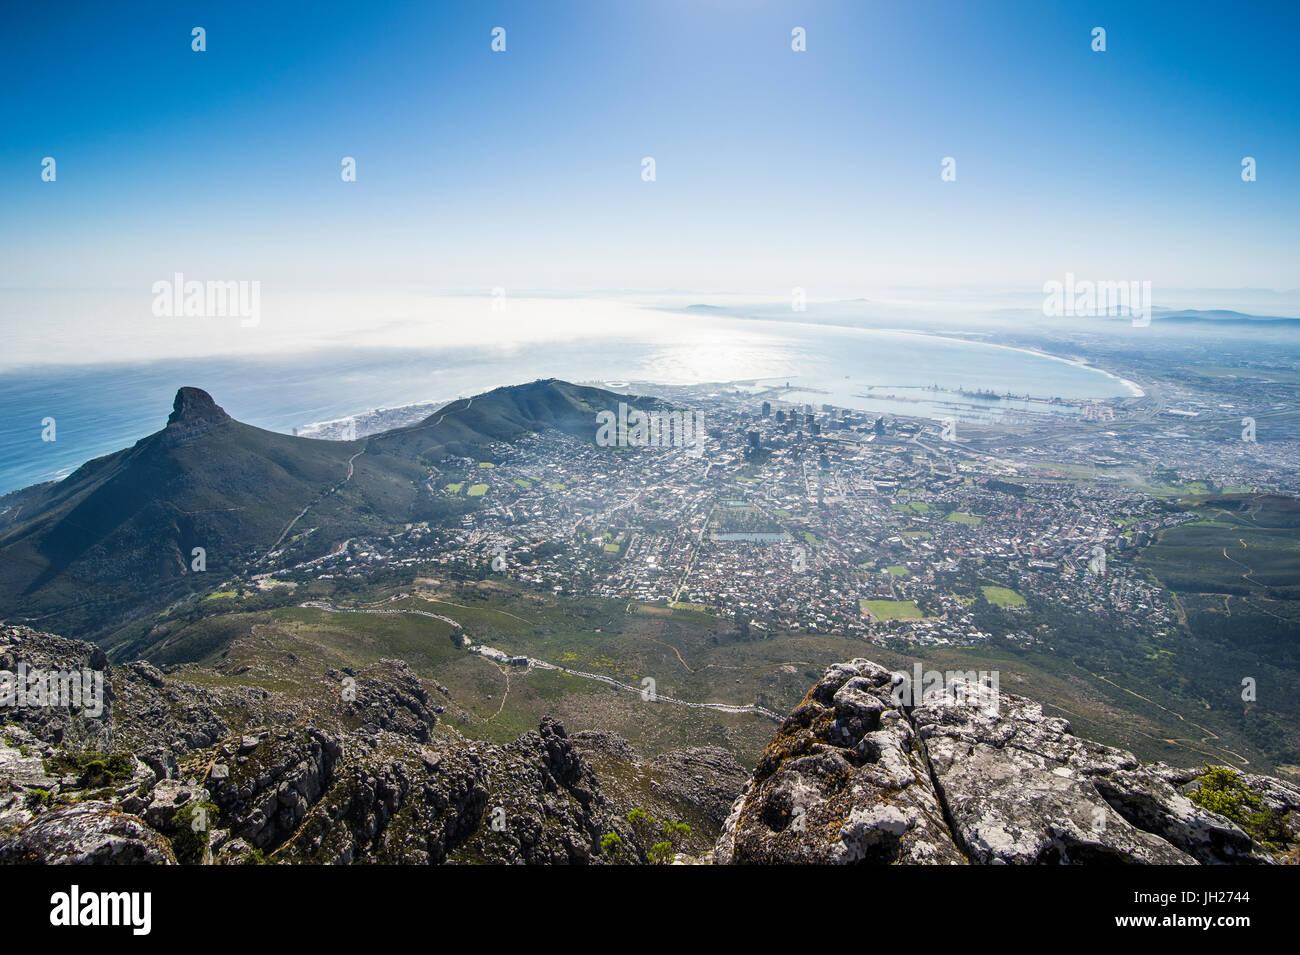 Vue sur le cap à partir de la Table Mountain, Afrique du Sud, l'Afrique Photo Stock